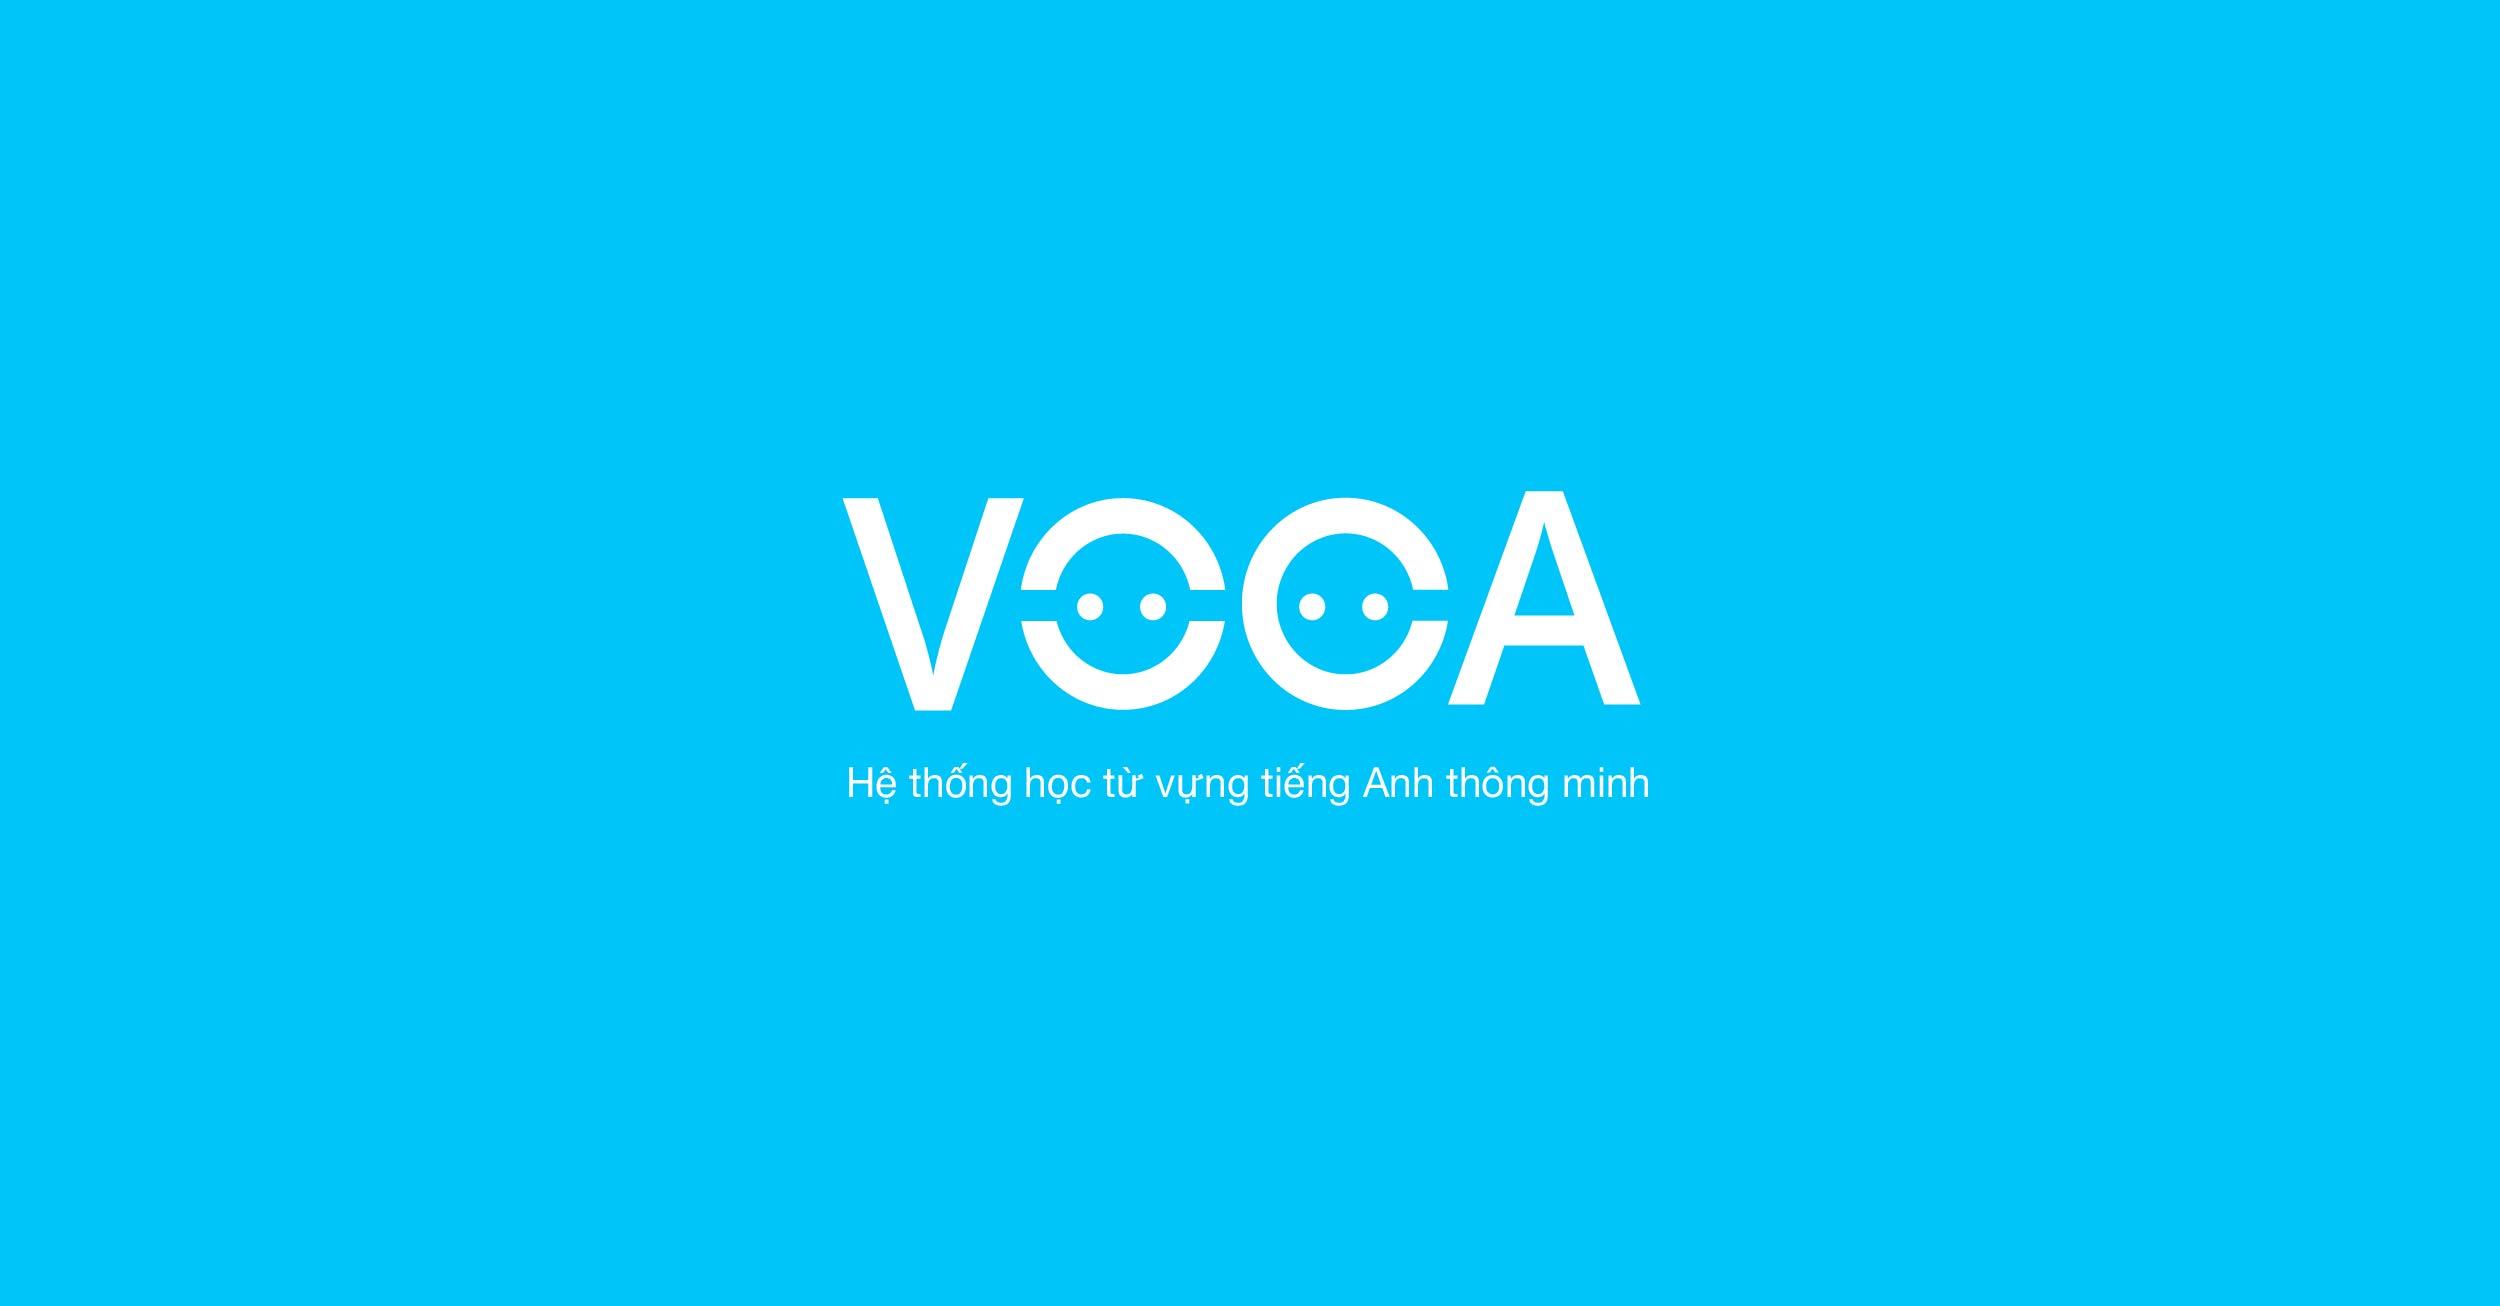 Phương pháp học từ vựng cùng VOCA